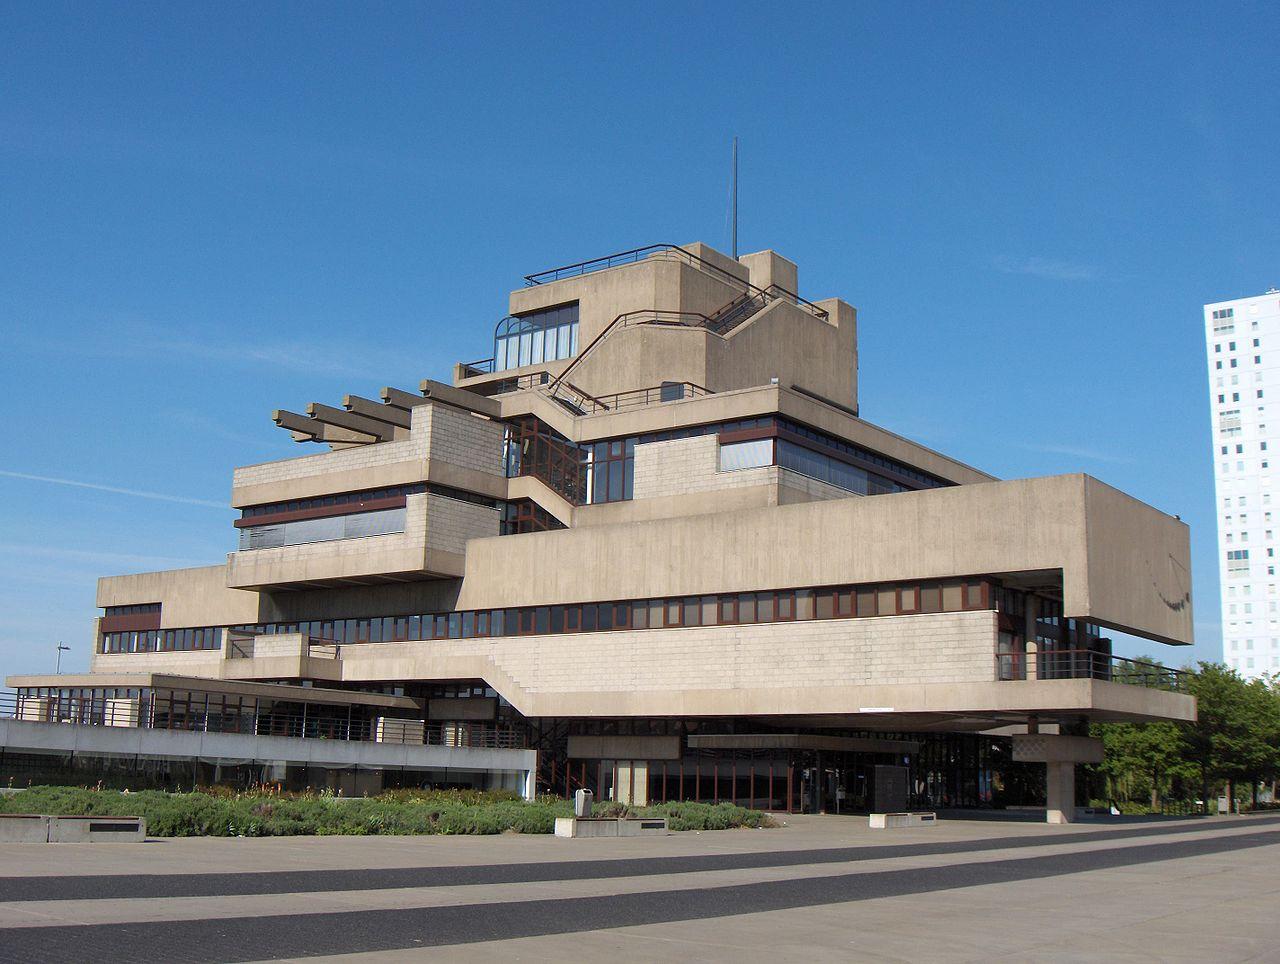 Dem Rathaus im niederländischen Terneuzen (1973) geht´s noch gut. Doch der Brutalismus ist bedroht (Bild: Friedrich Tellberg, CC BY-SA 2.0)